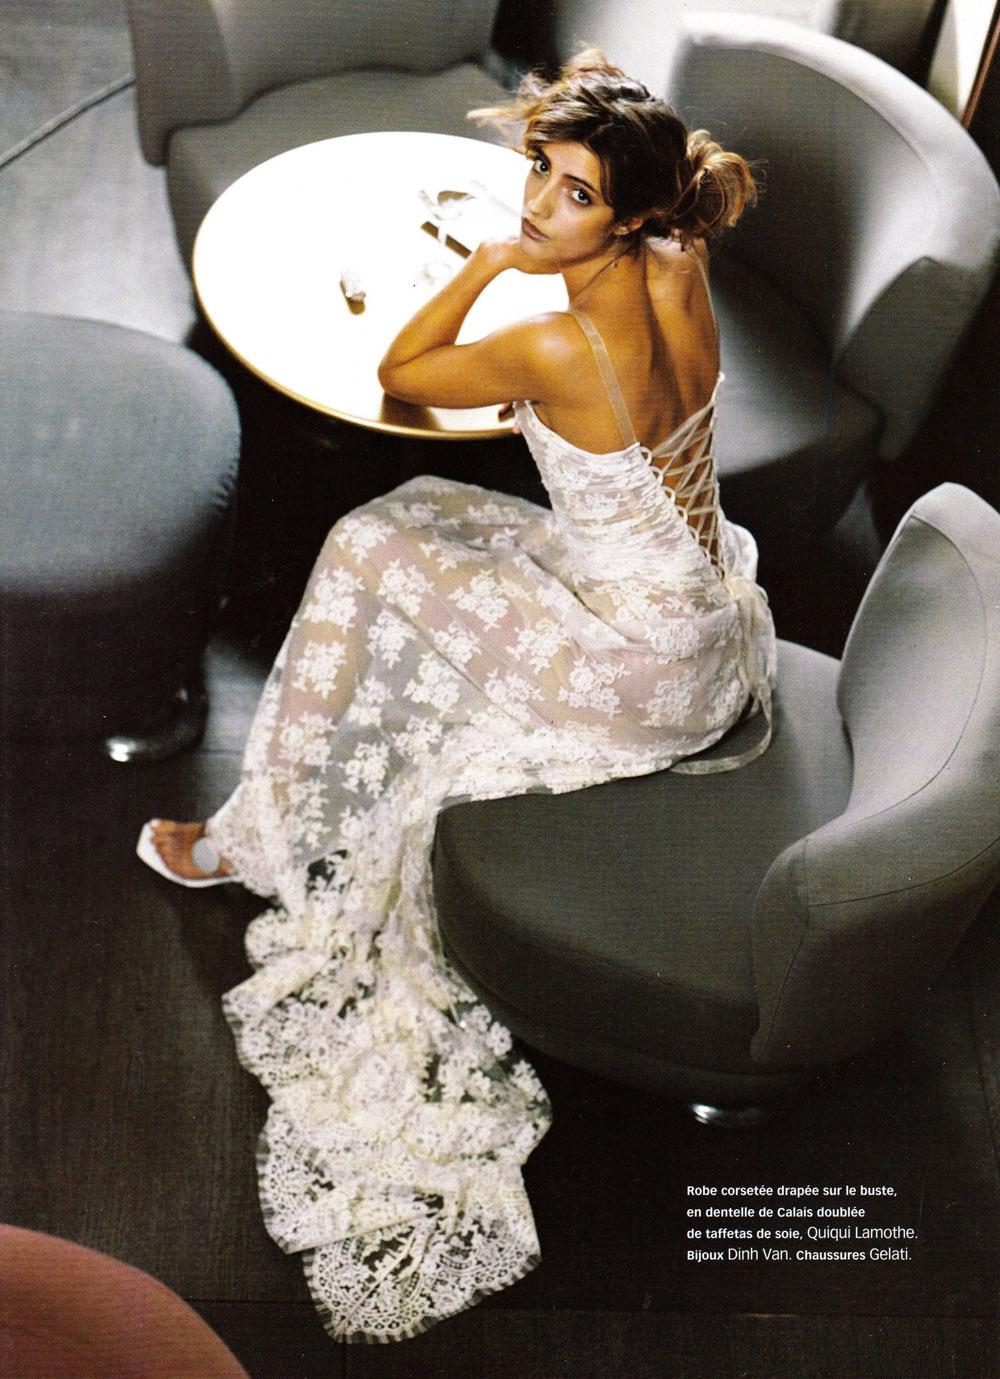 mariages-magazine-quiqui-lamothe-creatrice-designer-de-robe-de-mariee-bustier-dentelle-haute-couture